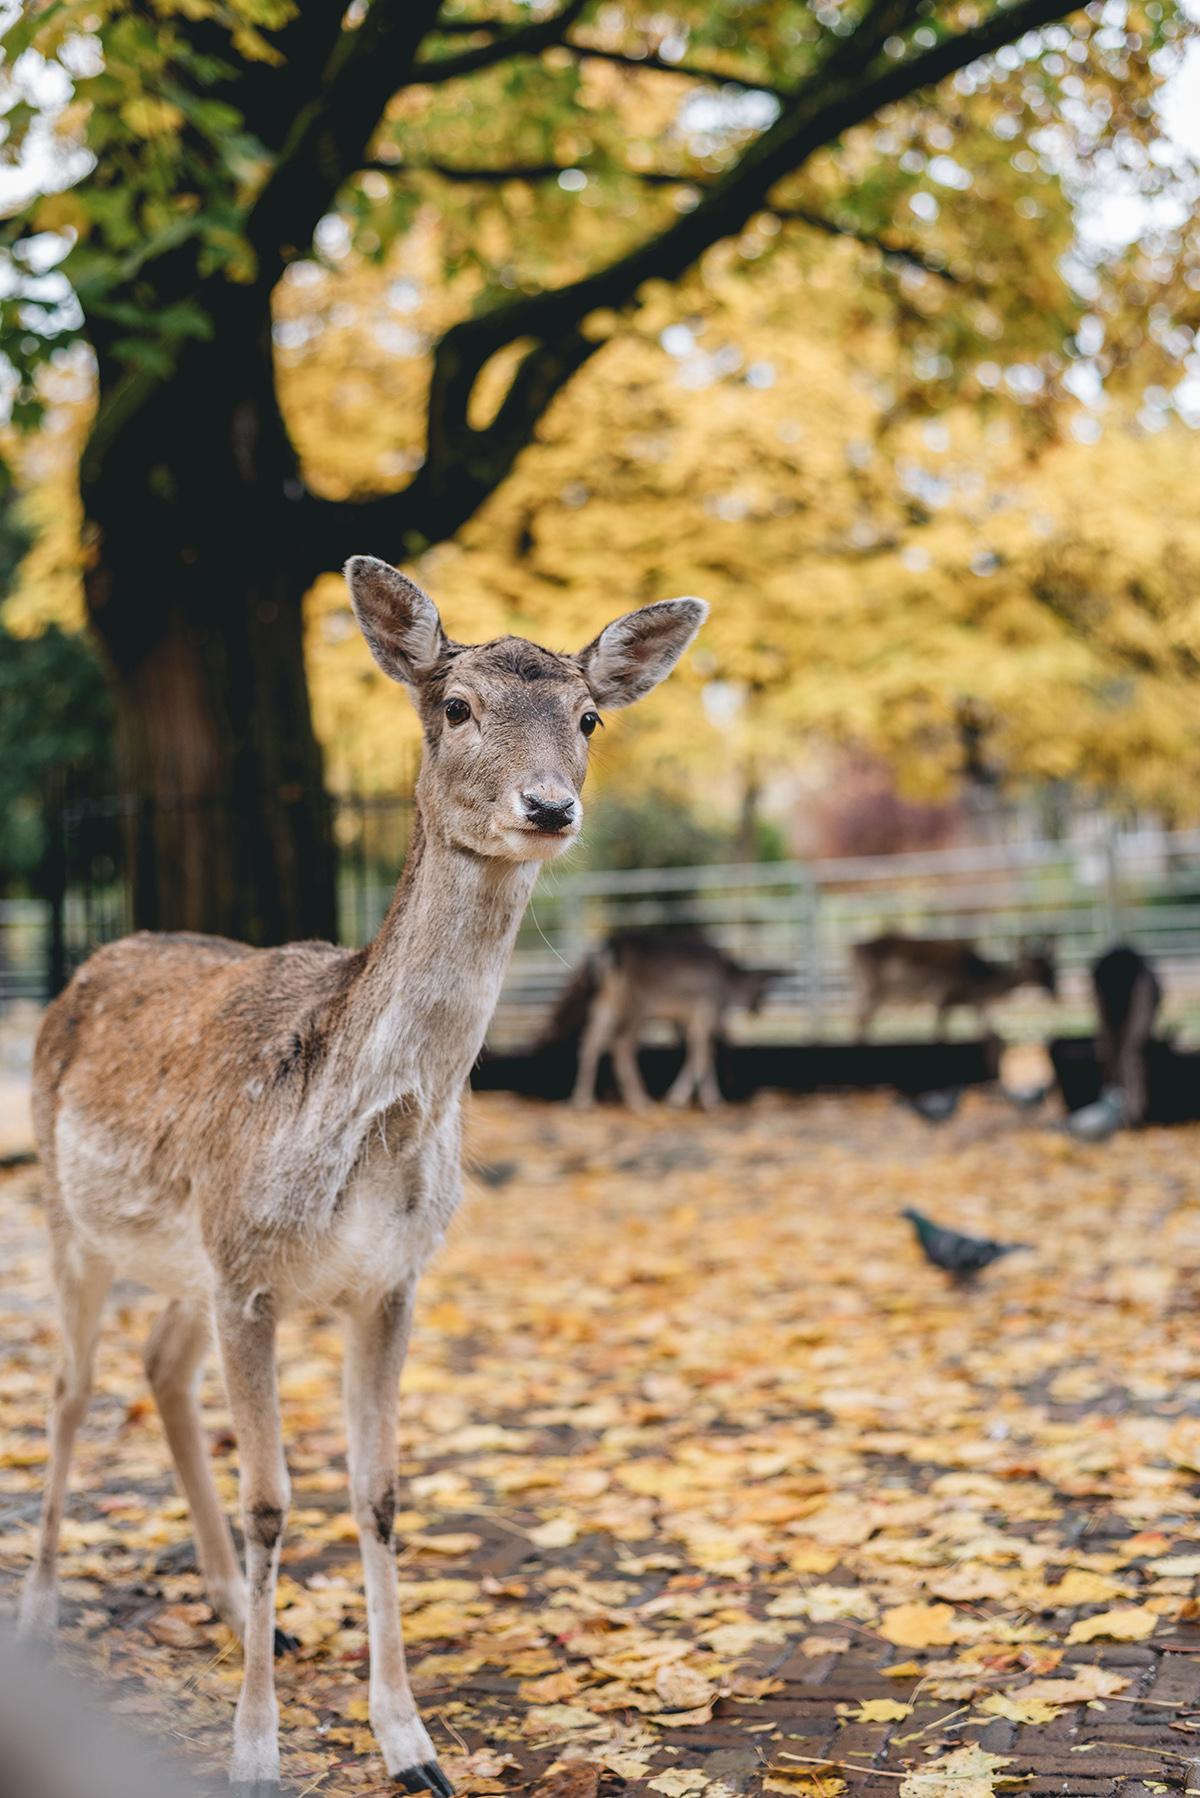 perks of autumn